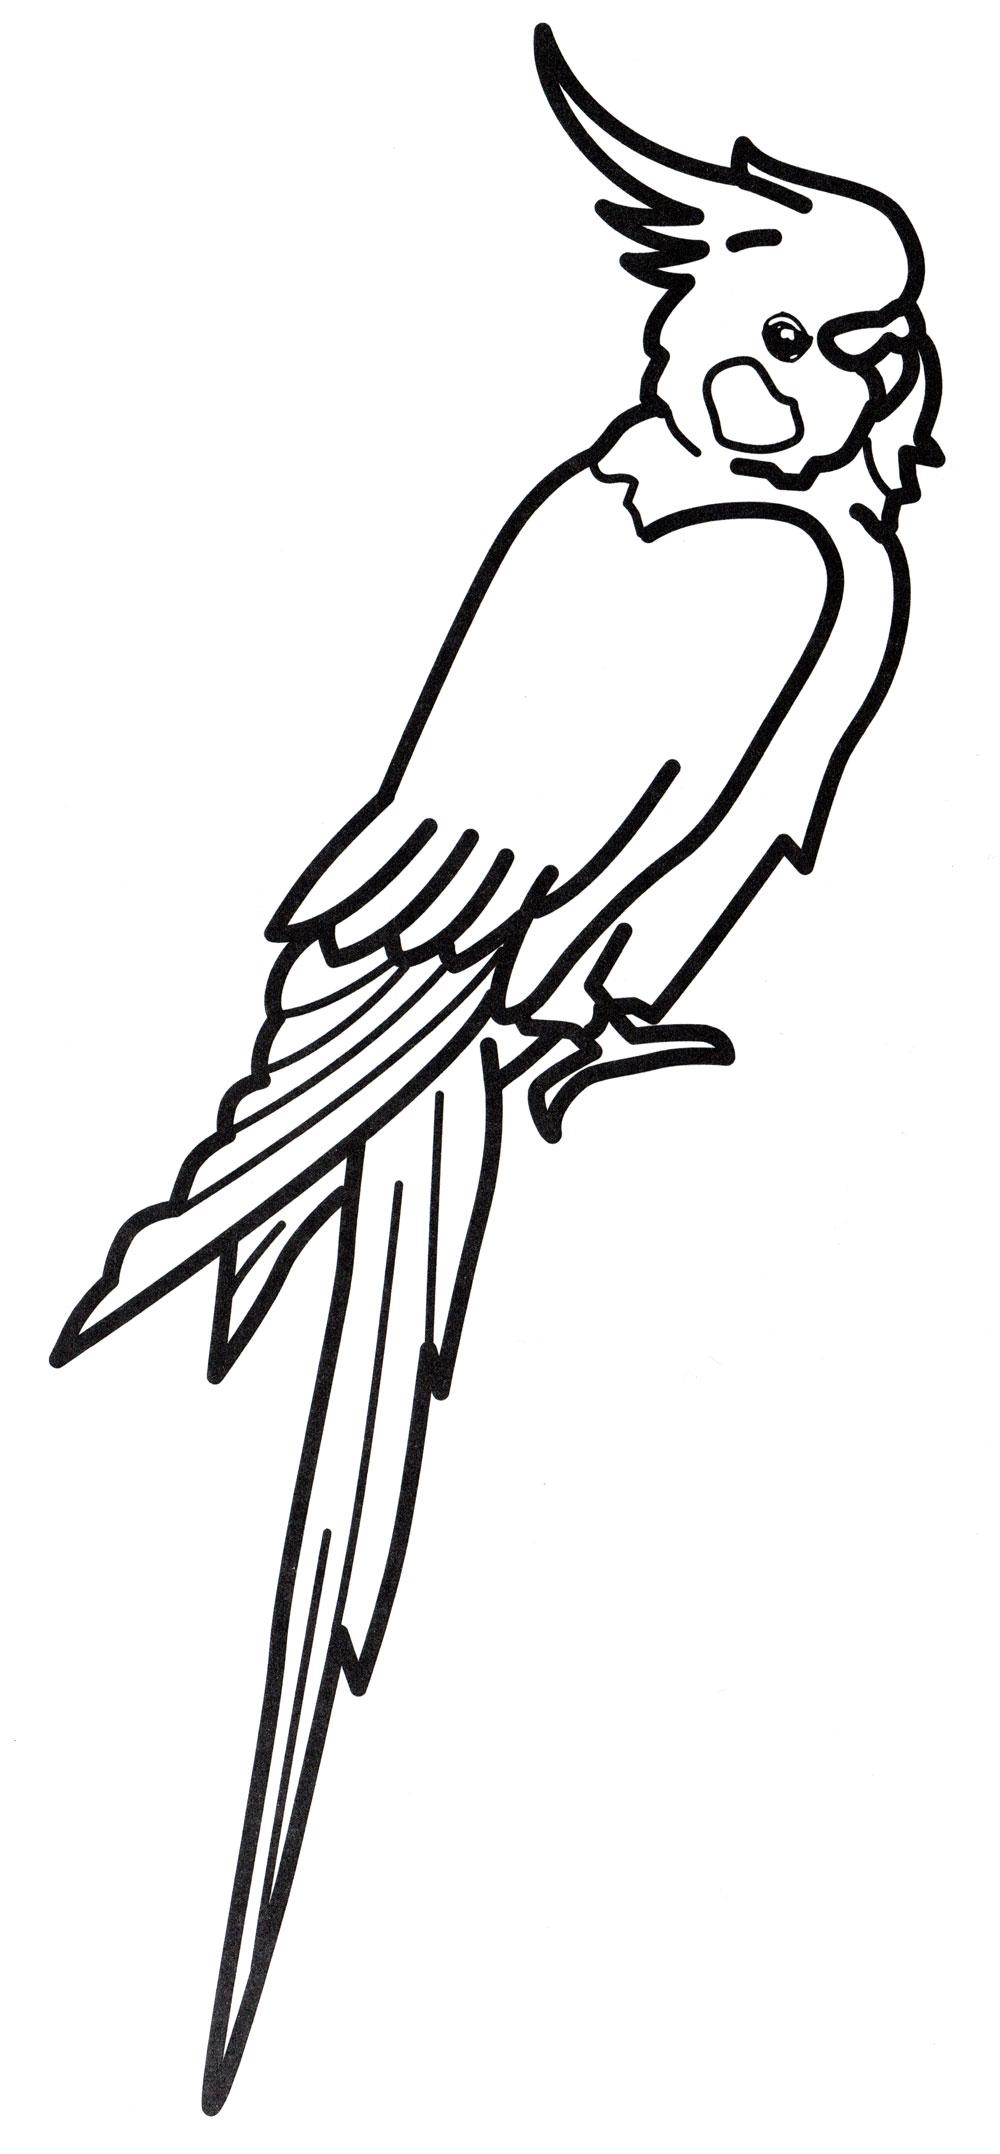 раскраска попугай с хохолком распечатать бесплатно